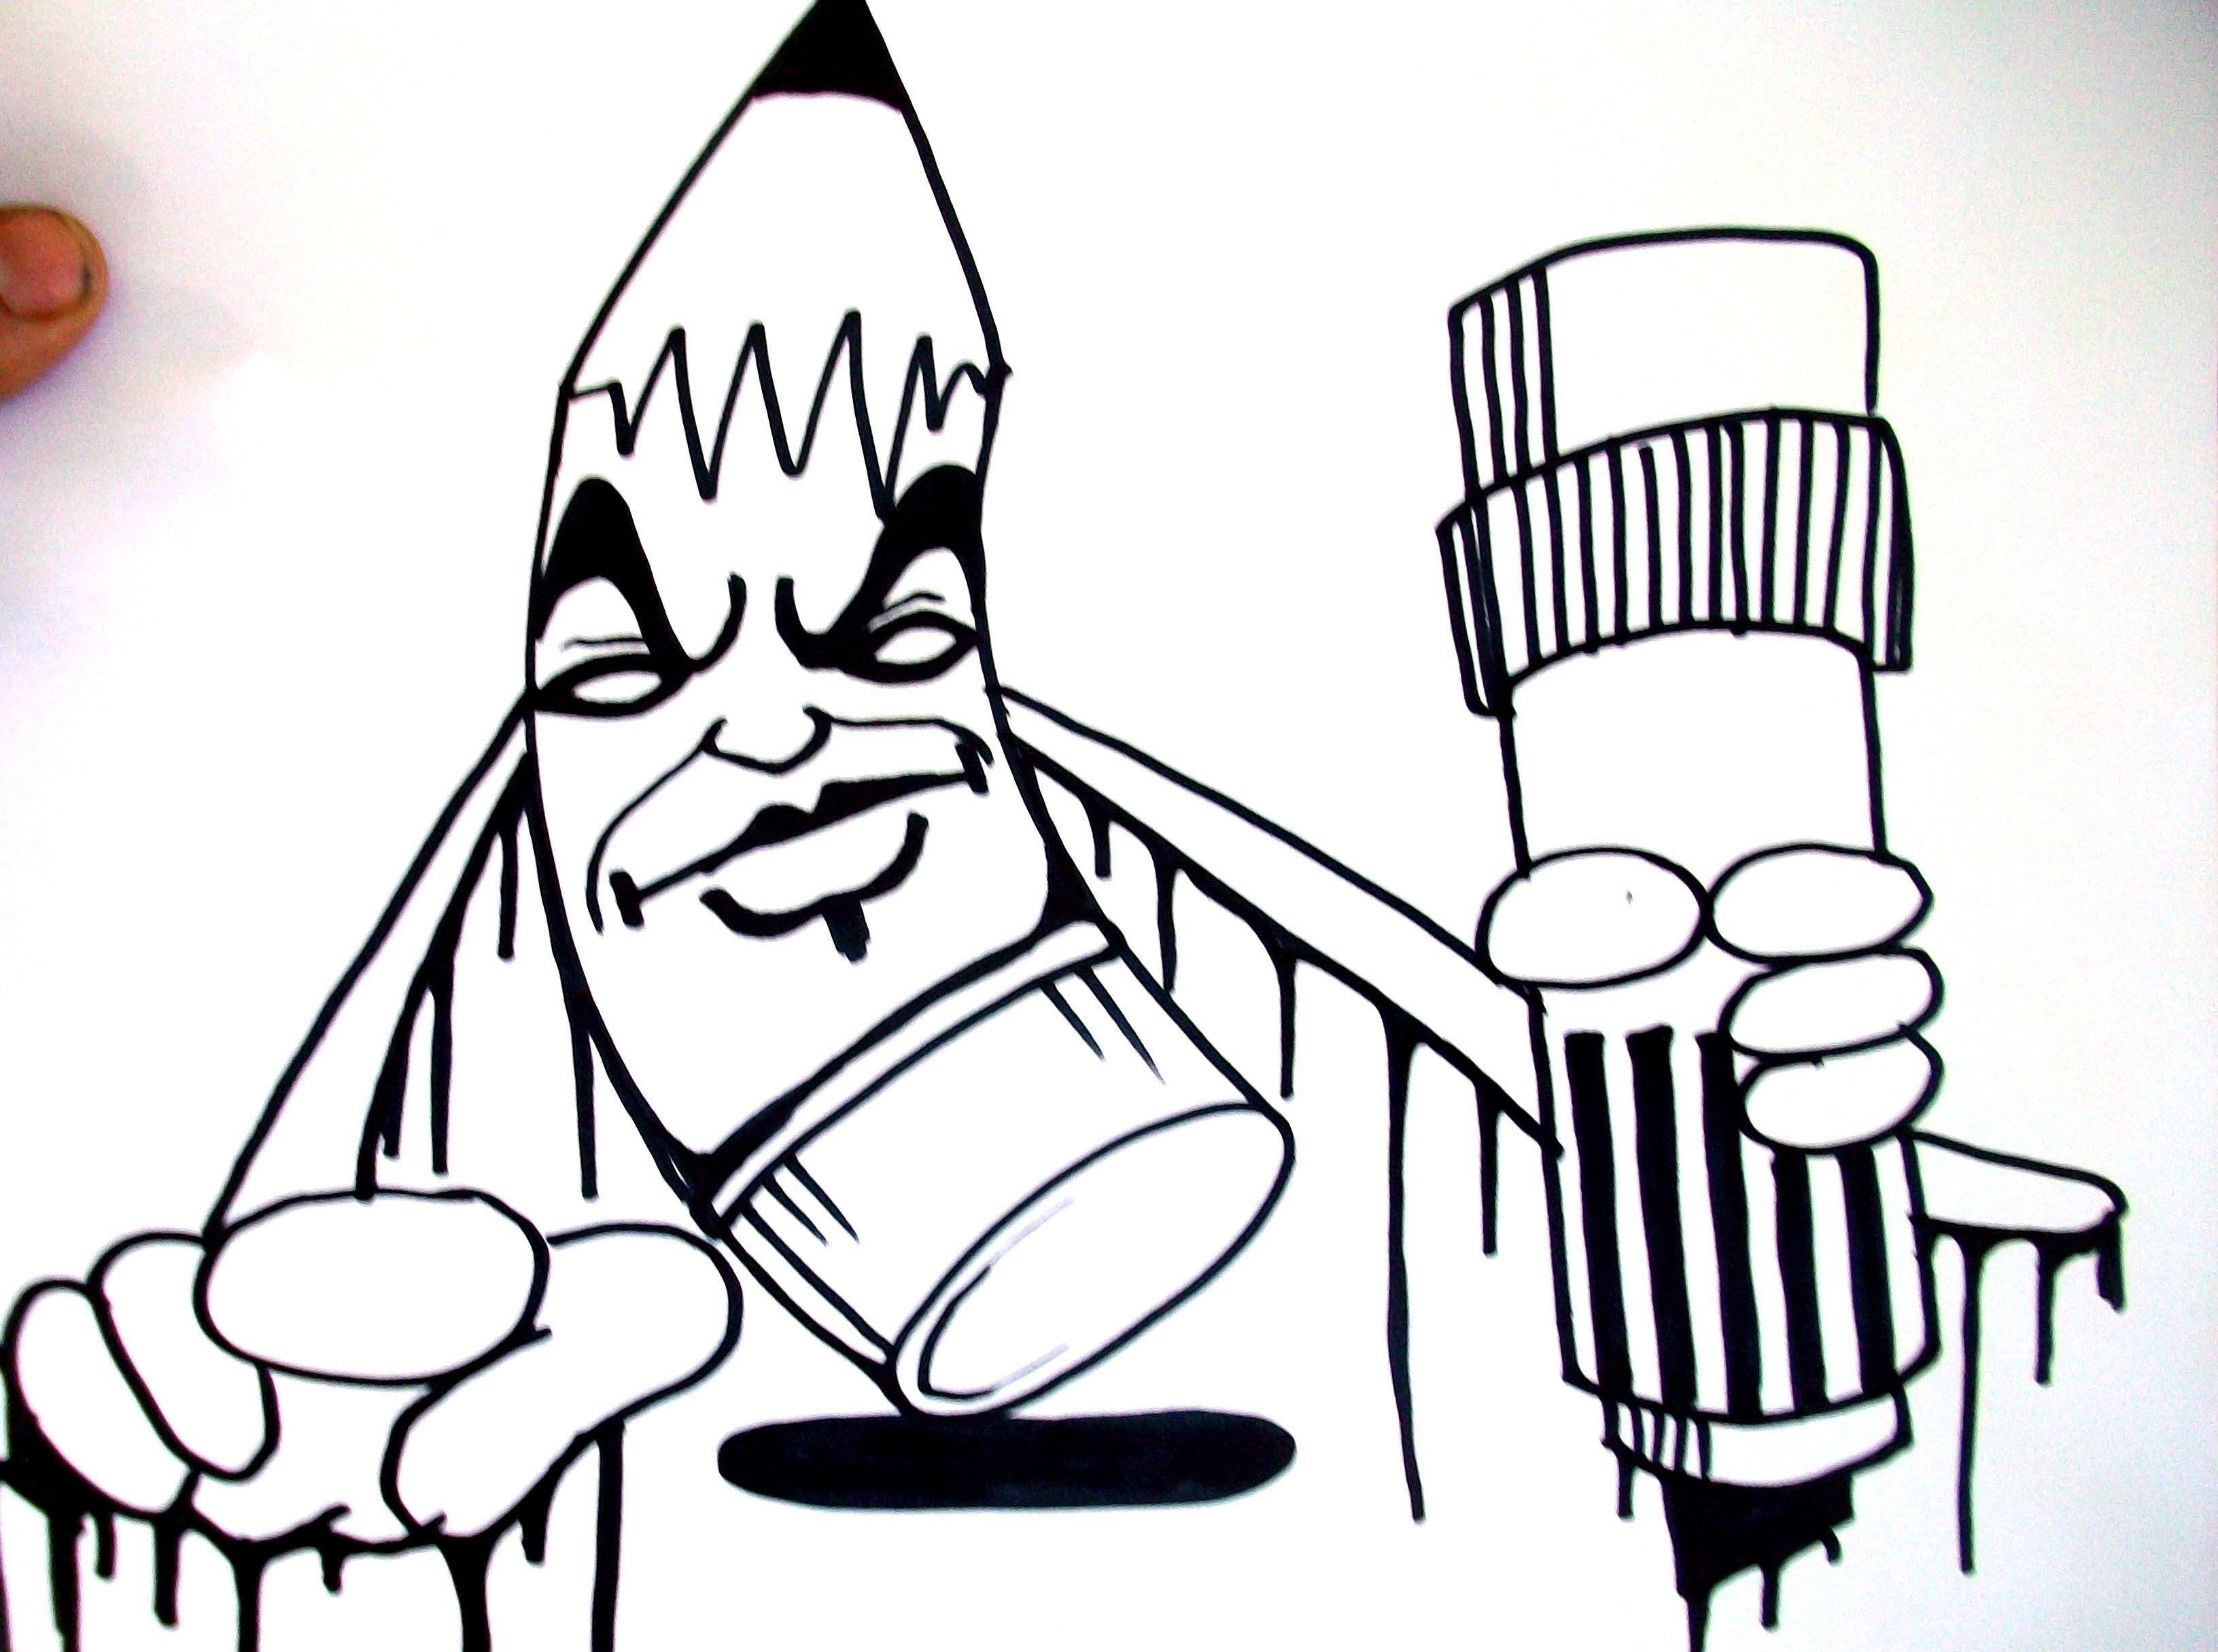 3263x2431 Best Graffiti Drawings Cool Graffiti Drawings Awesome Graffiti